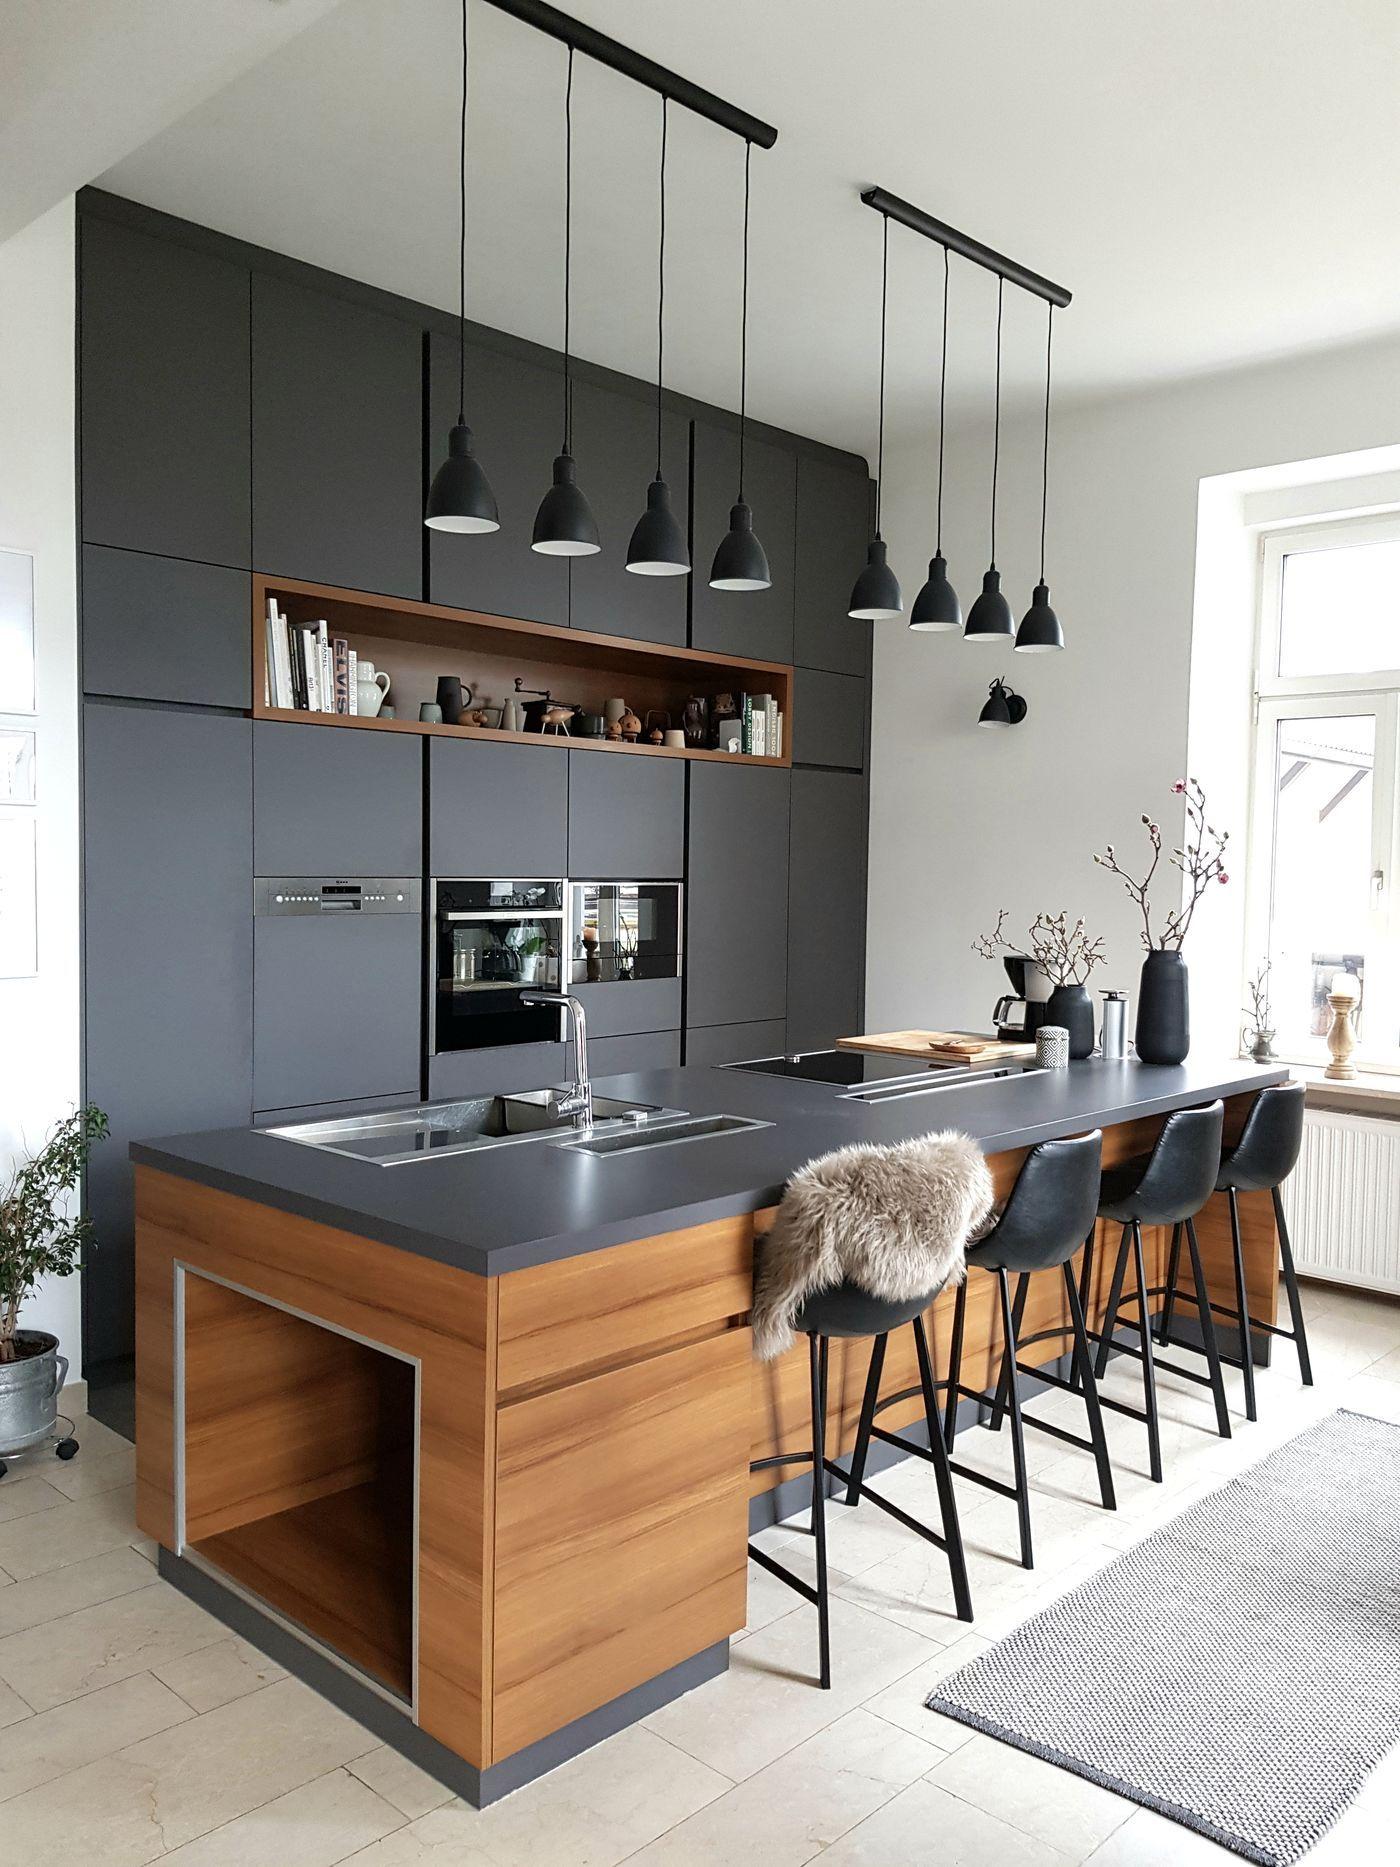 Beste Küche Spur Beleuchtung Platzierung Fotos - Ideen Für Die Küche ...